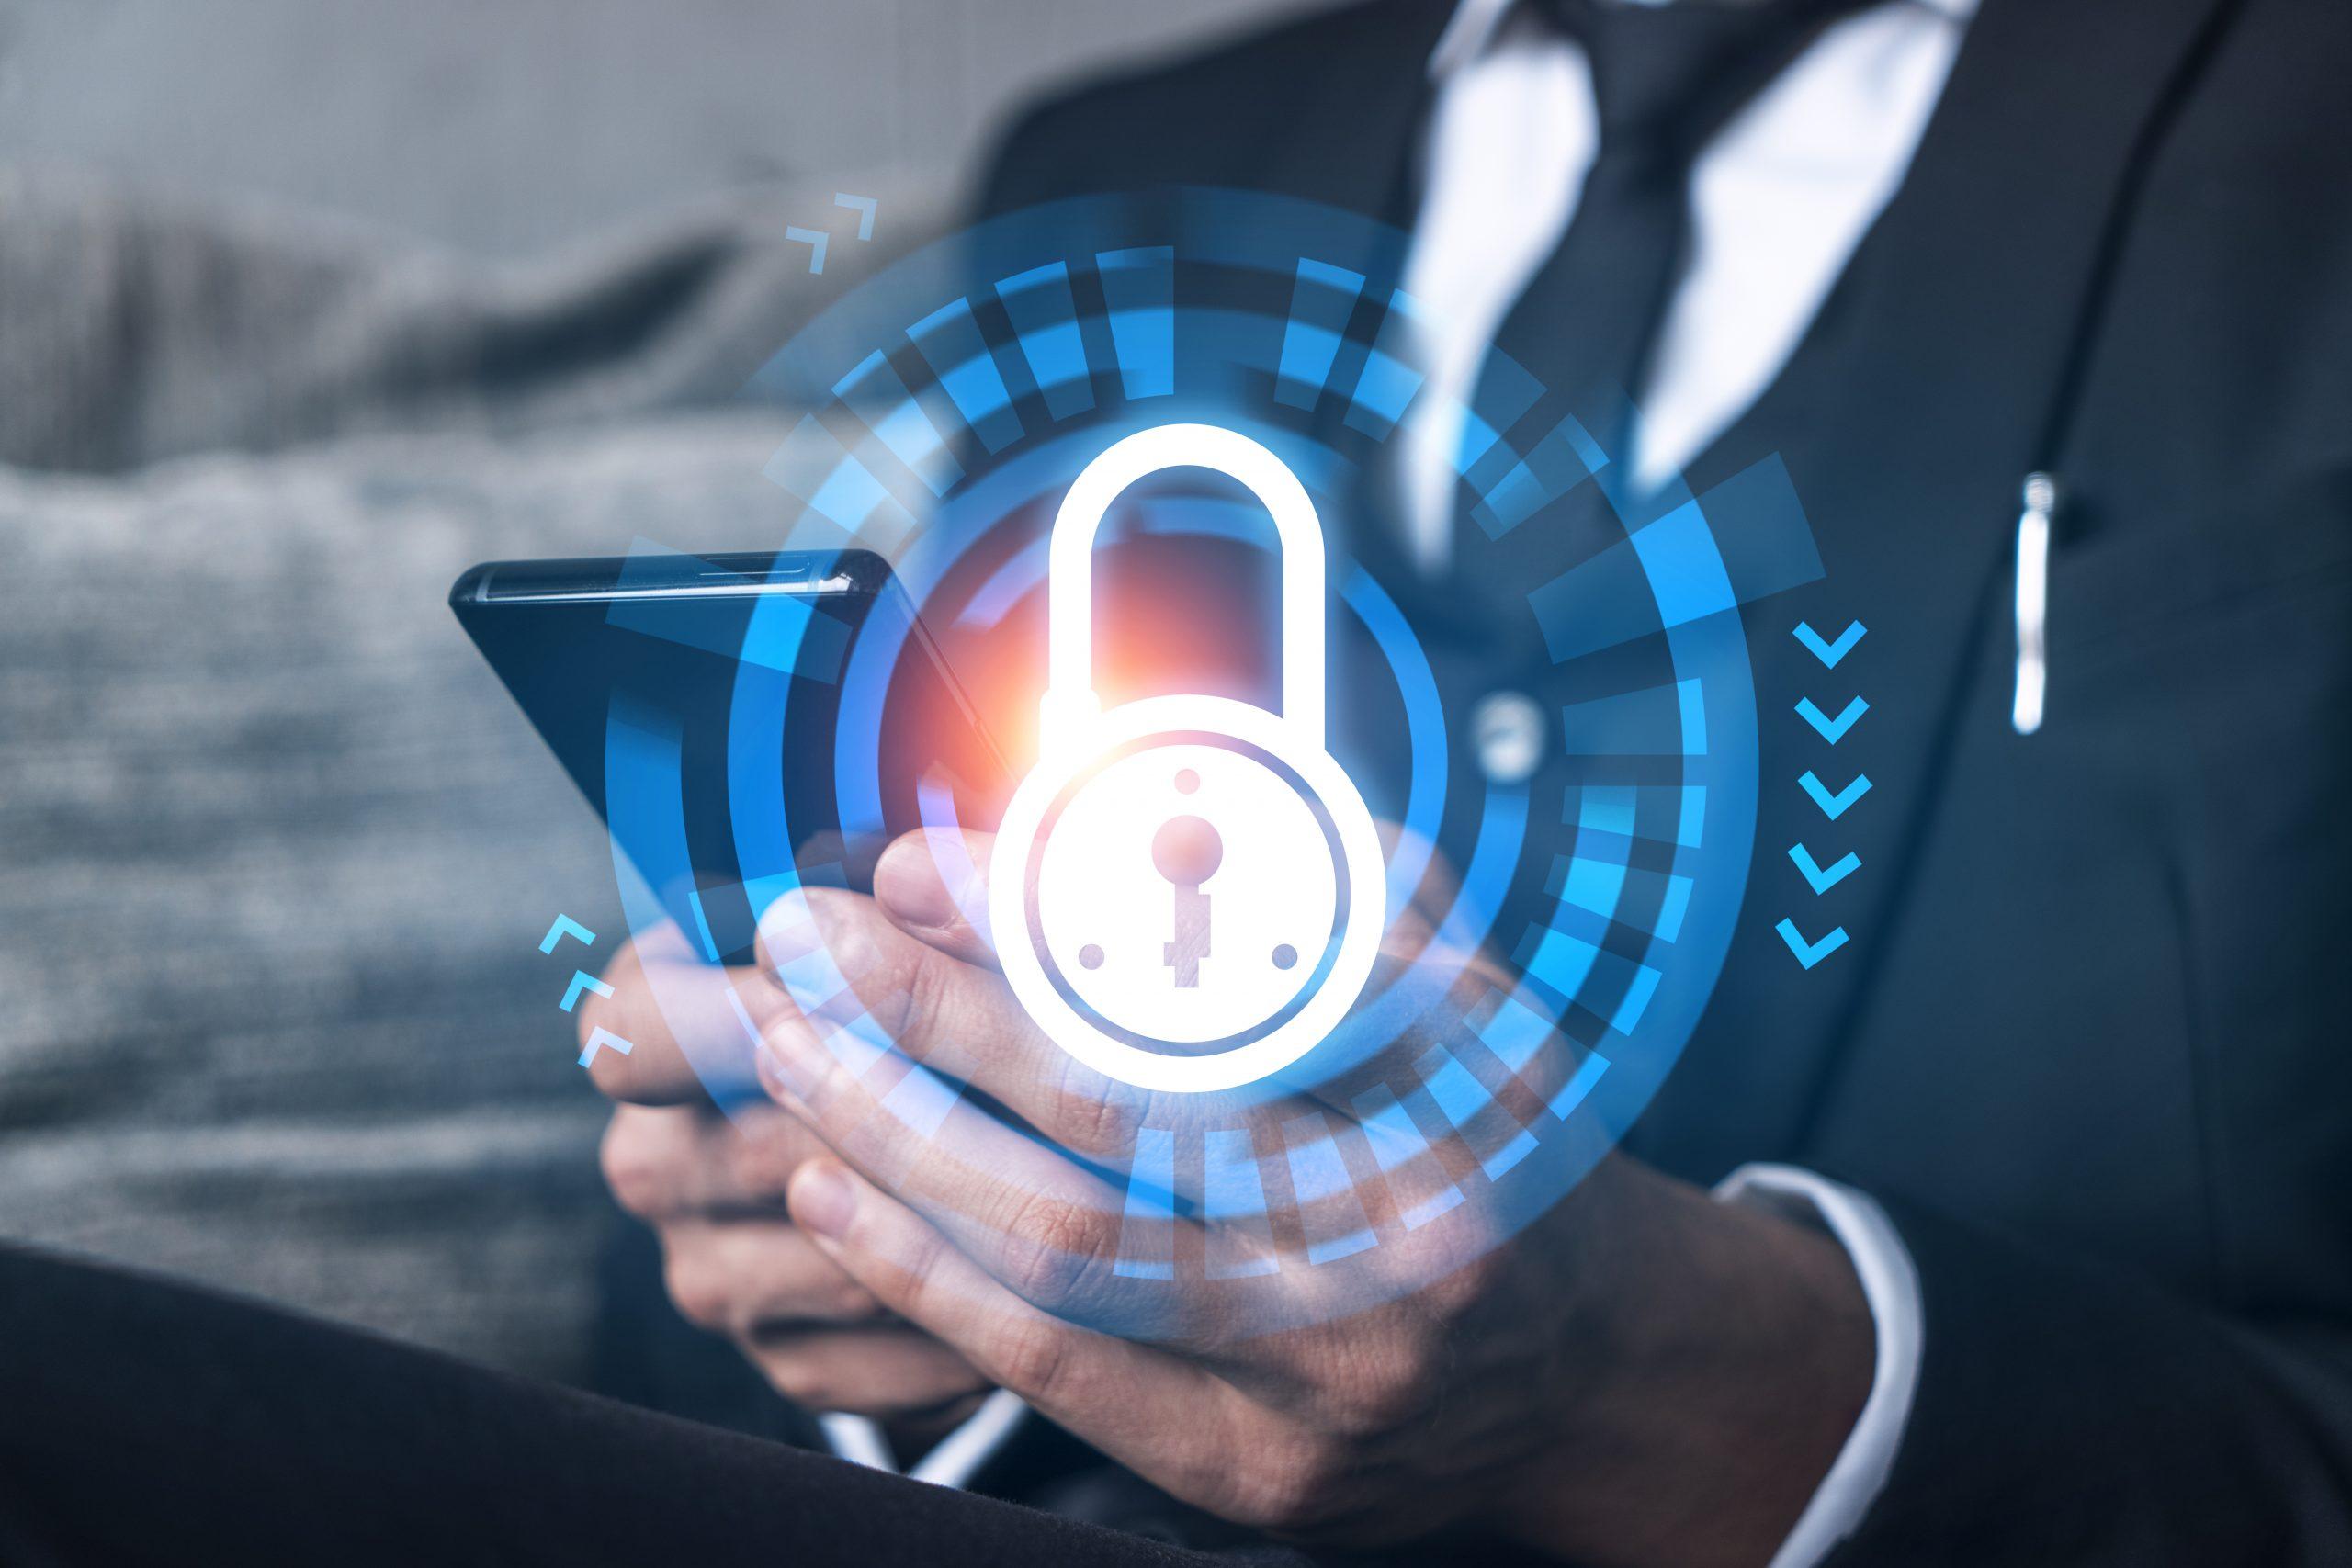 Київстар впровадив унікальний для України сервіс блокування SMS із фішингових ресурсів | Kyivstar Business Hub зображення №1